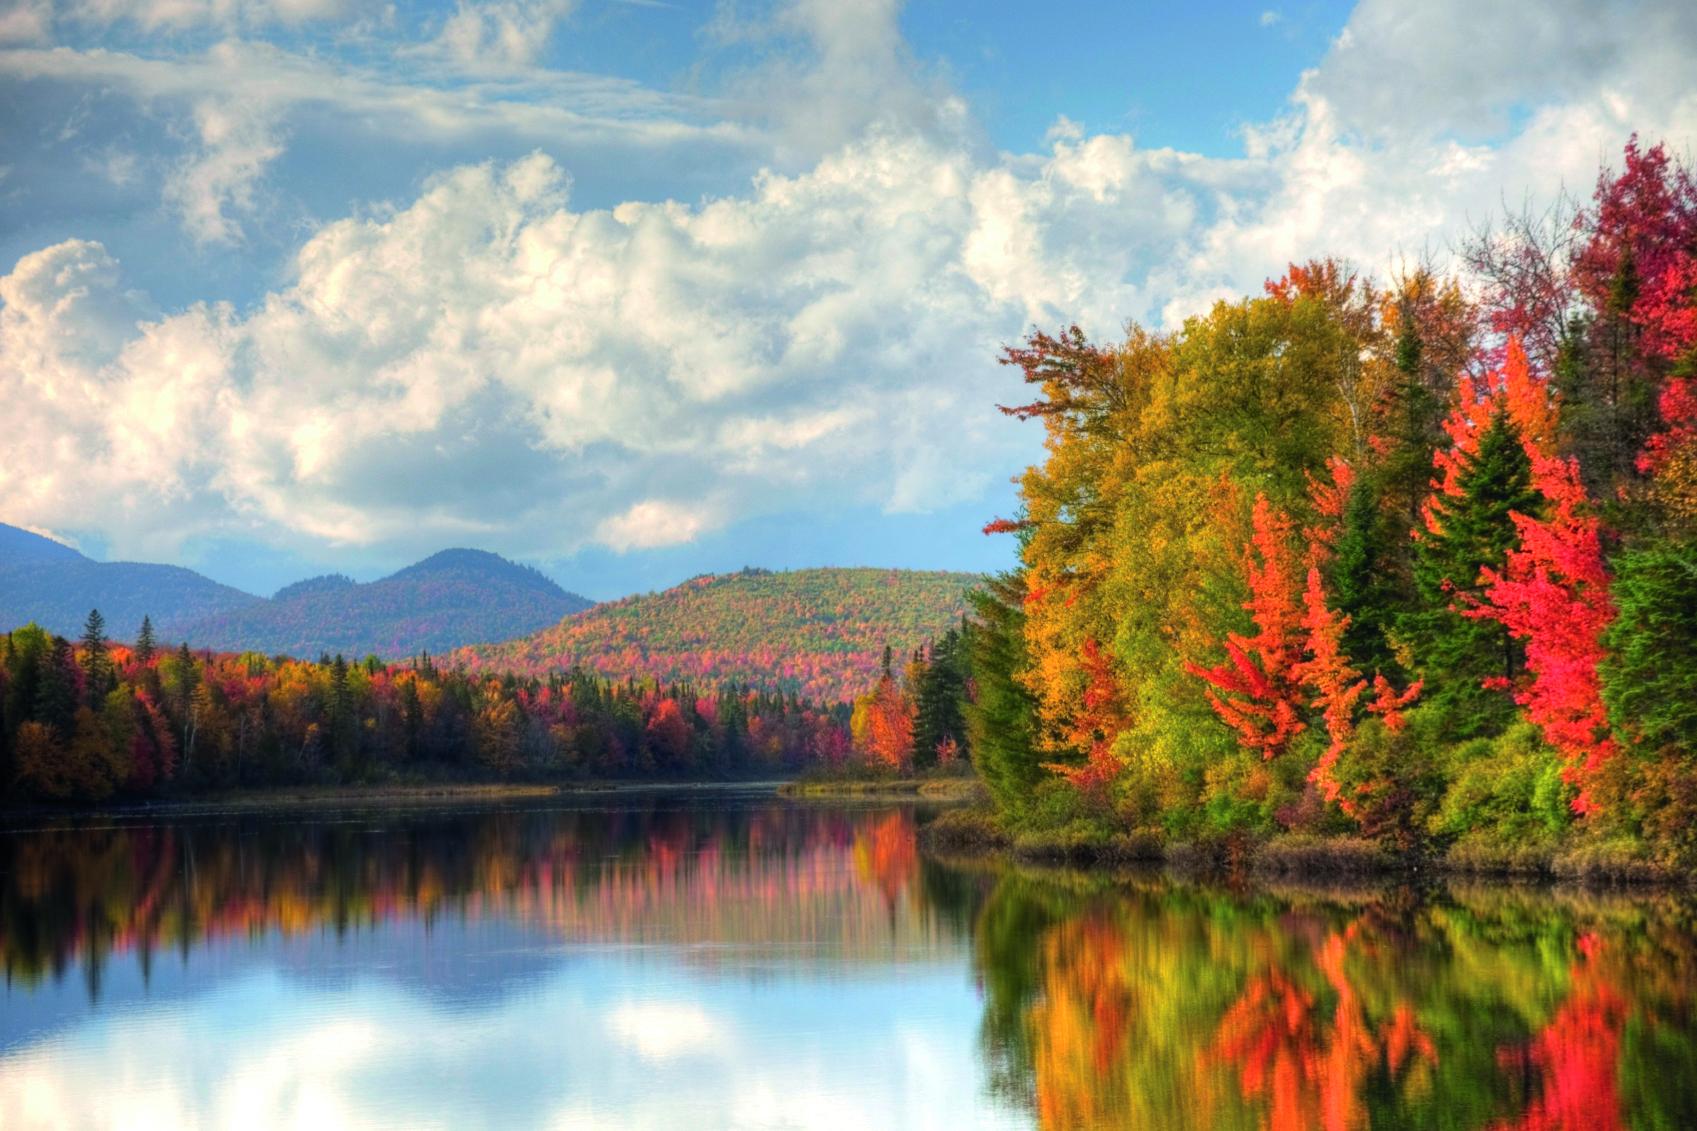 New England Fall Foliage Travel Blog by Trafalgar